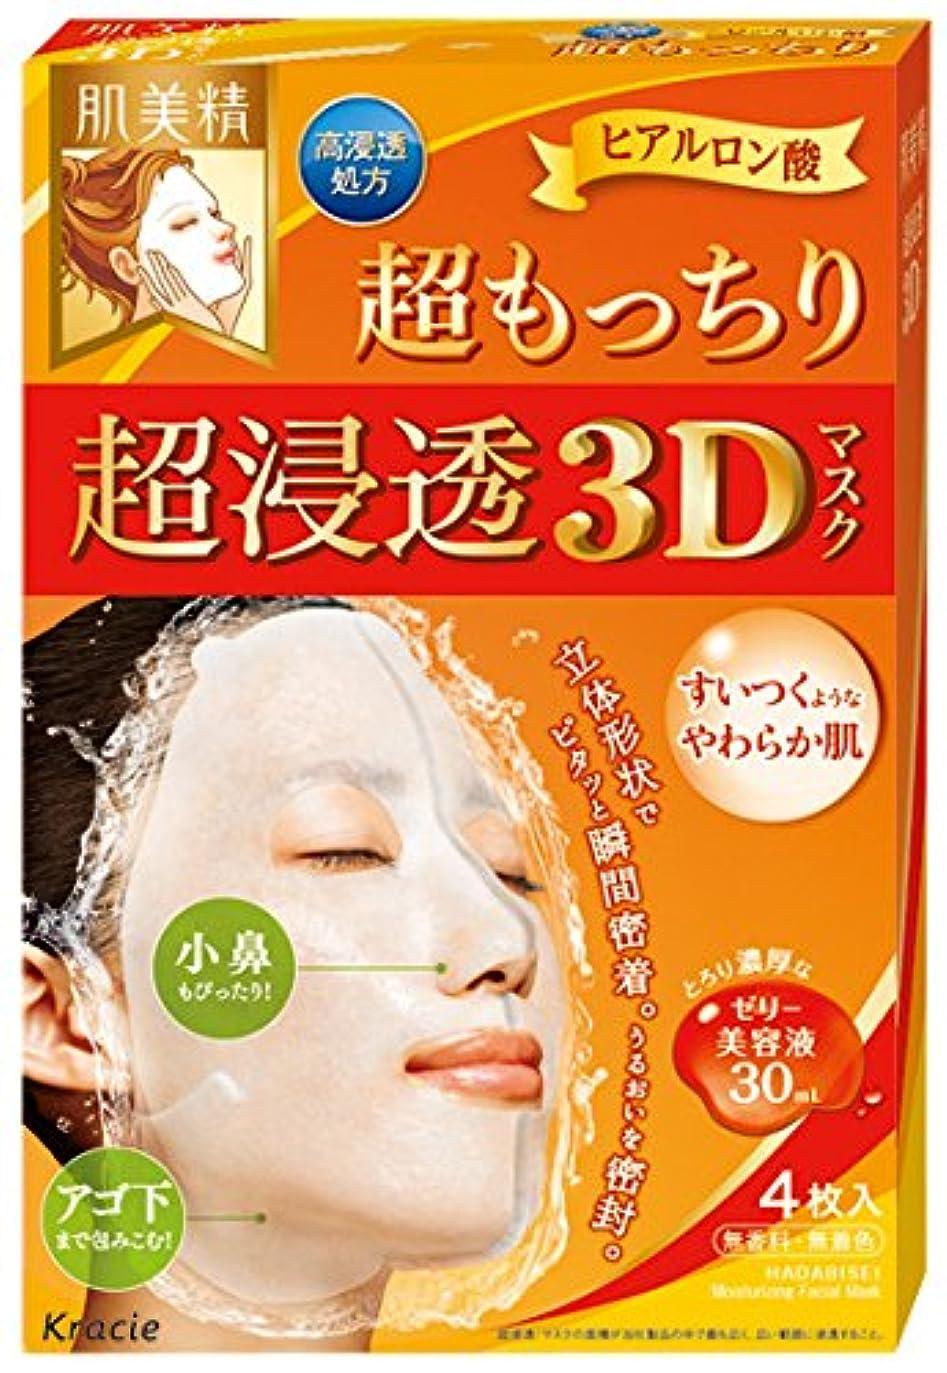 韻無許可ほのか欠品クラシエ 肌美精 超浸透3Dマスク 超もっちり 4枚入 (立体形状のシート3Dマスク ゼリー美容液30ml)×48点セット (4901417630988)